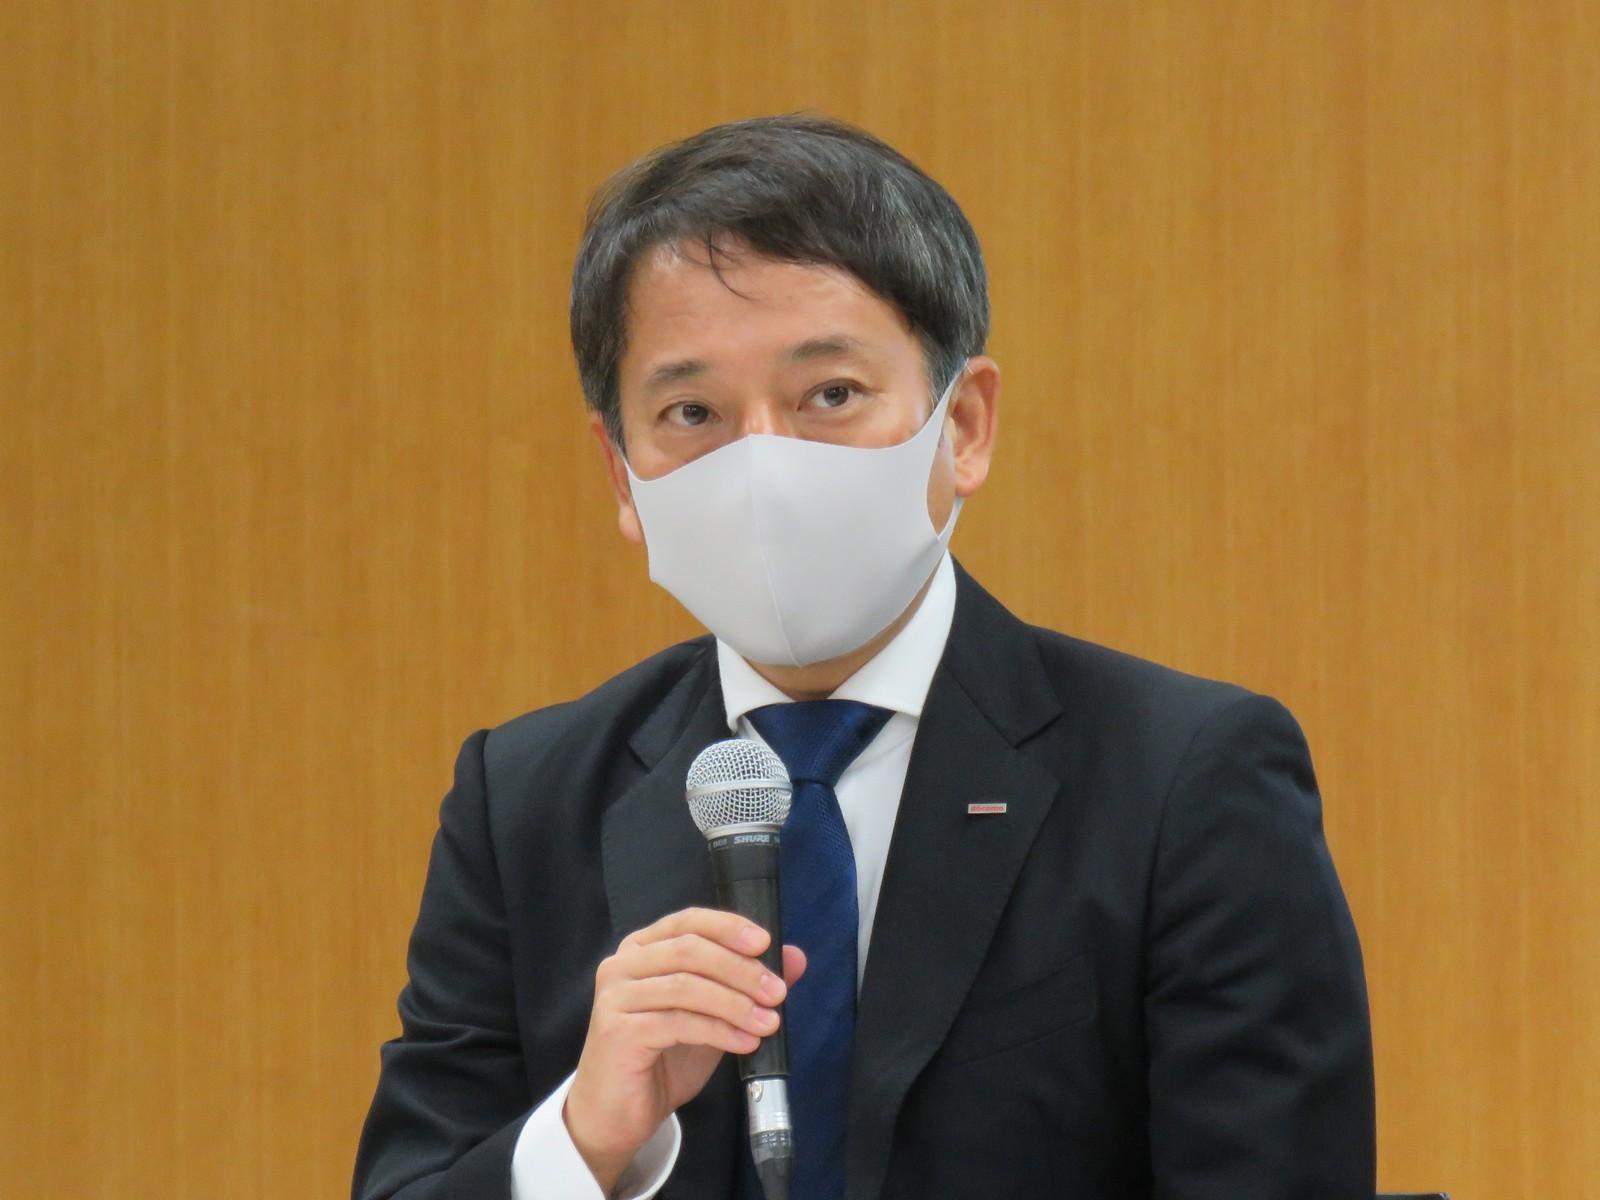 株式会社NTTドコモウォレットビジネス部長の田原務氏